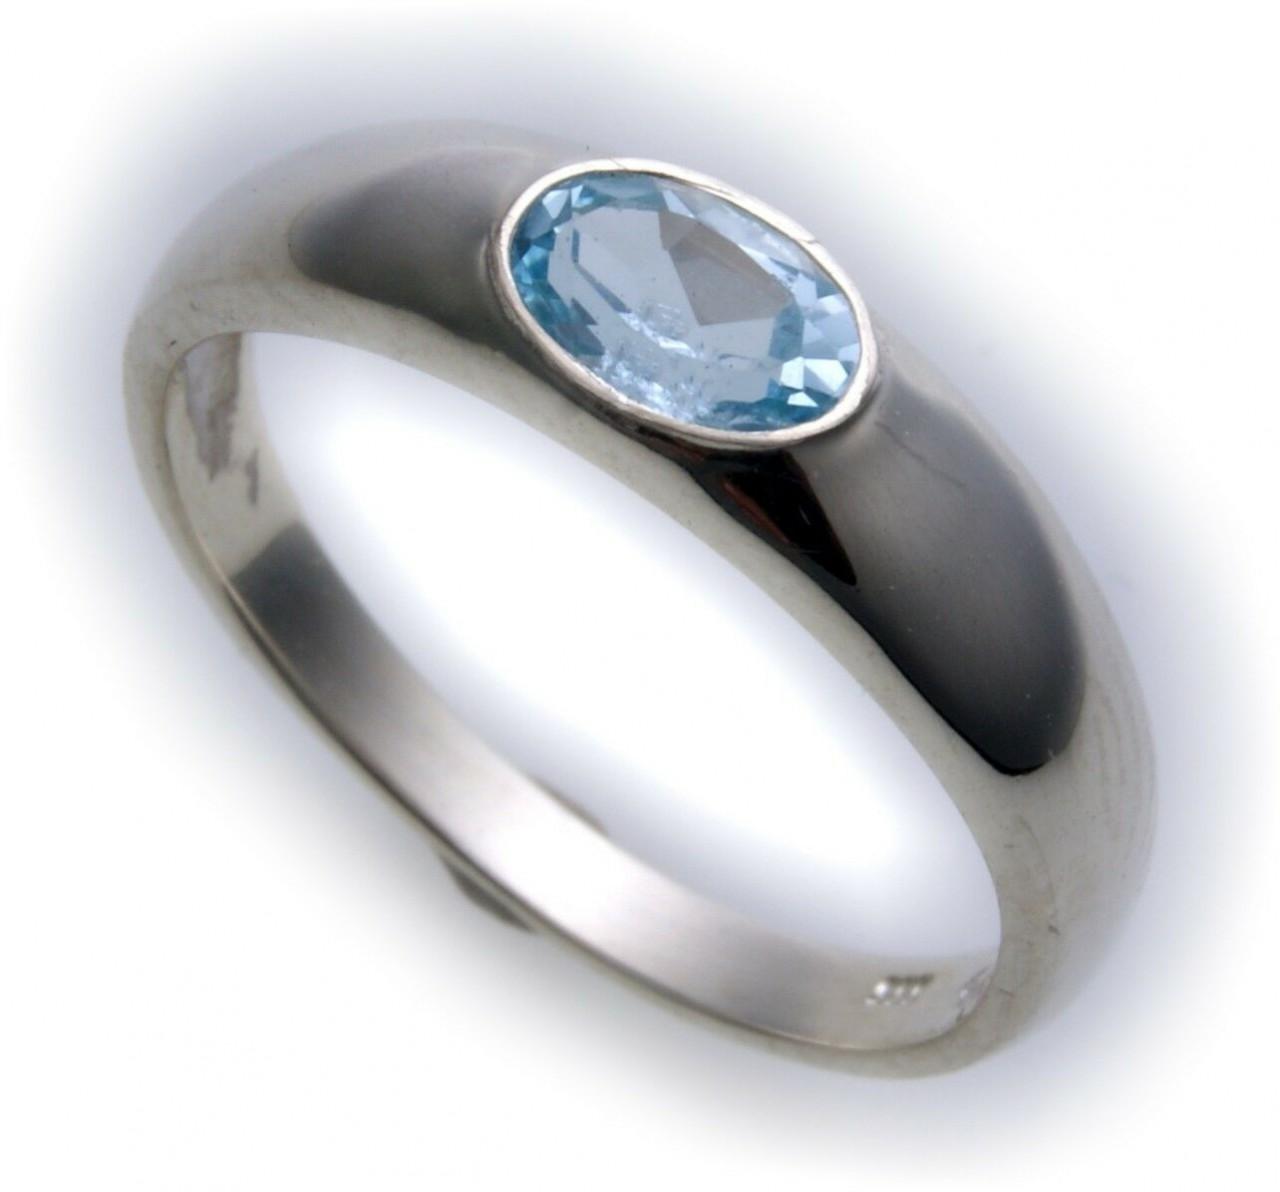 Bestpreis Damen Ring echt Weißgold 585 Topas 14kt Qualität Gold Blautopas Blau